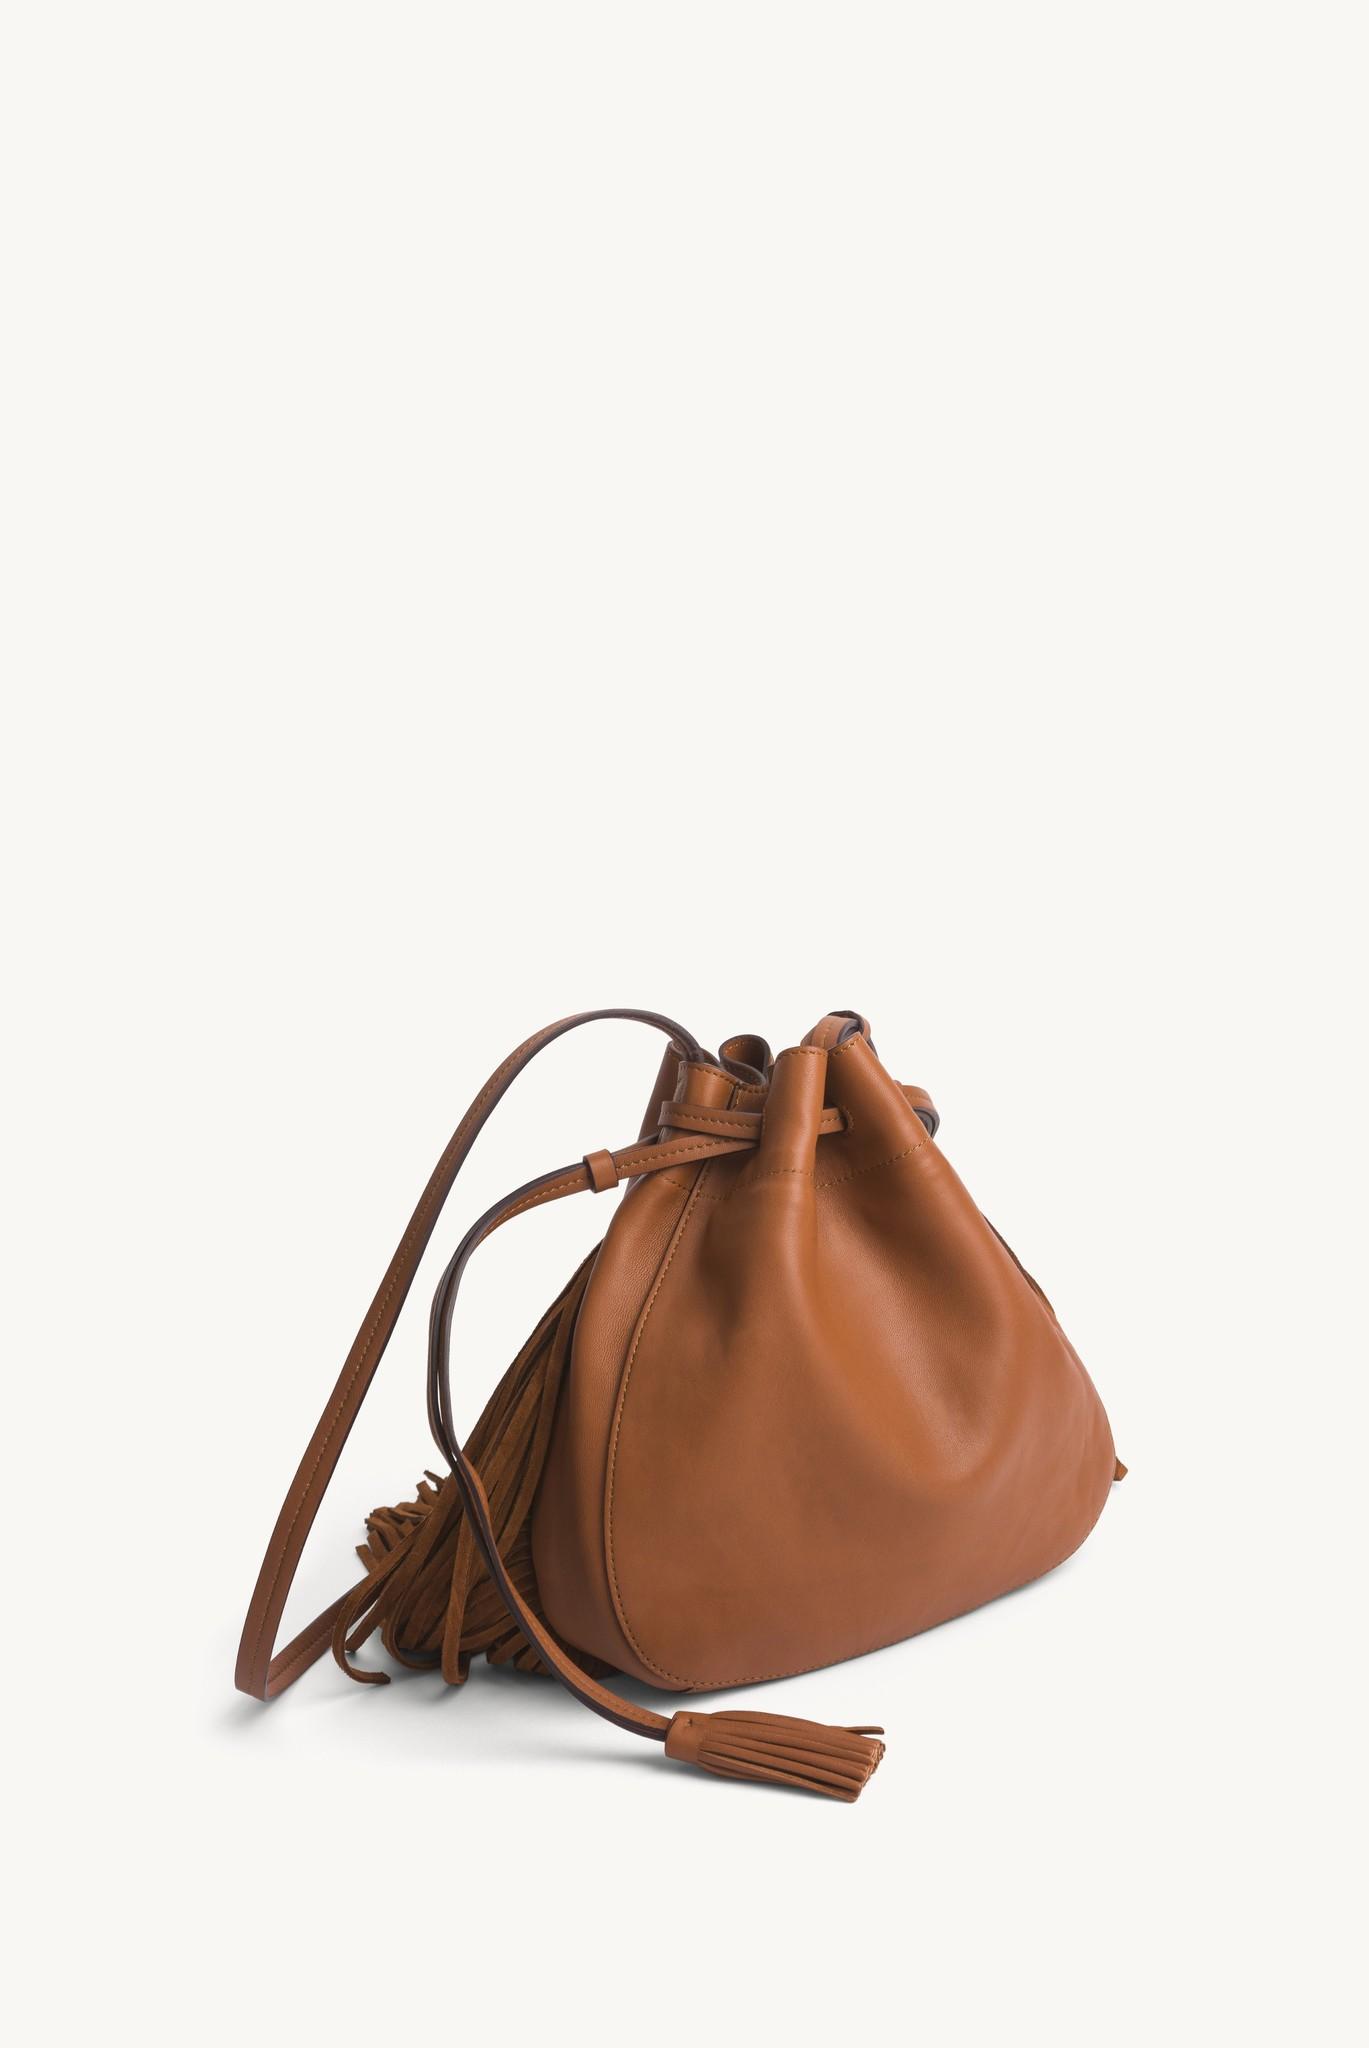 MOON HAIR - сумка с бахромой